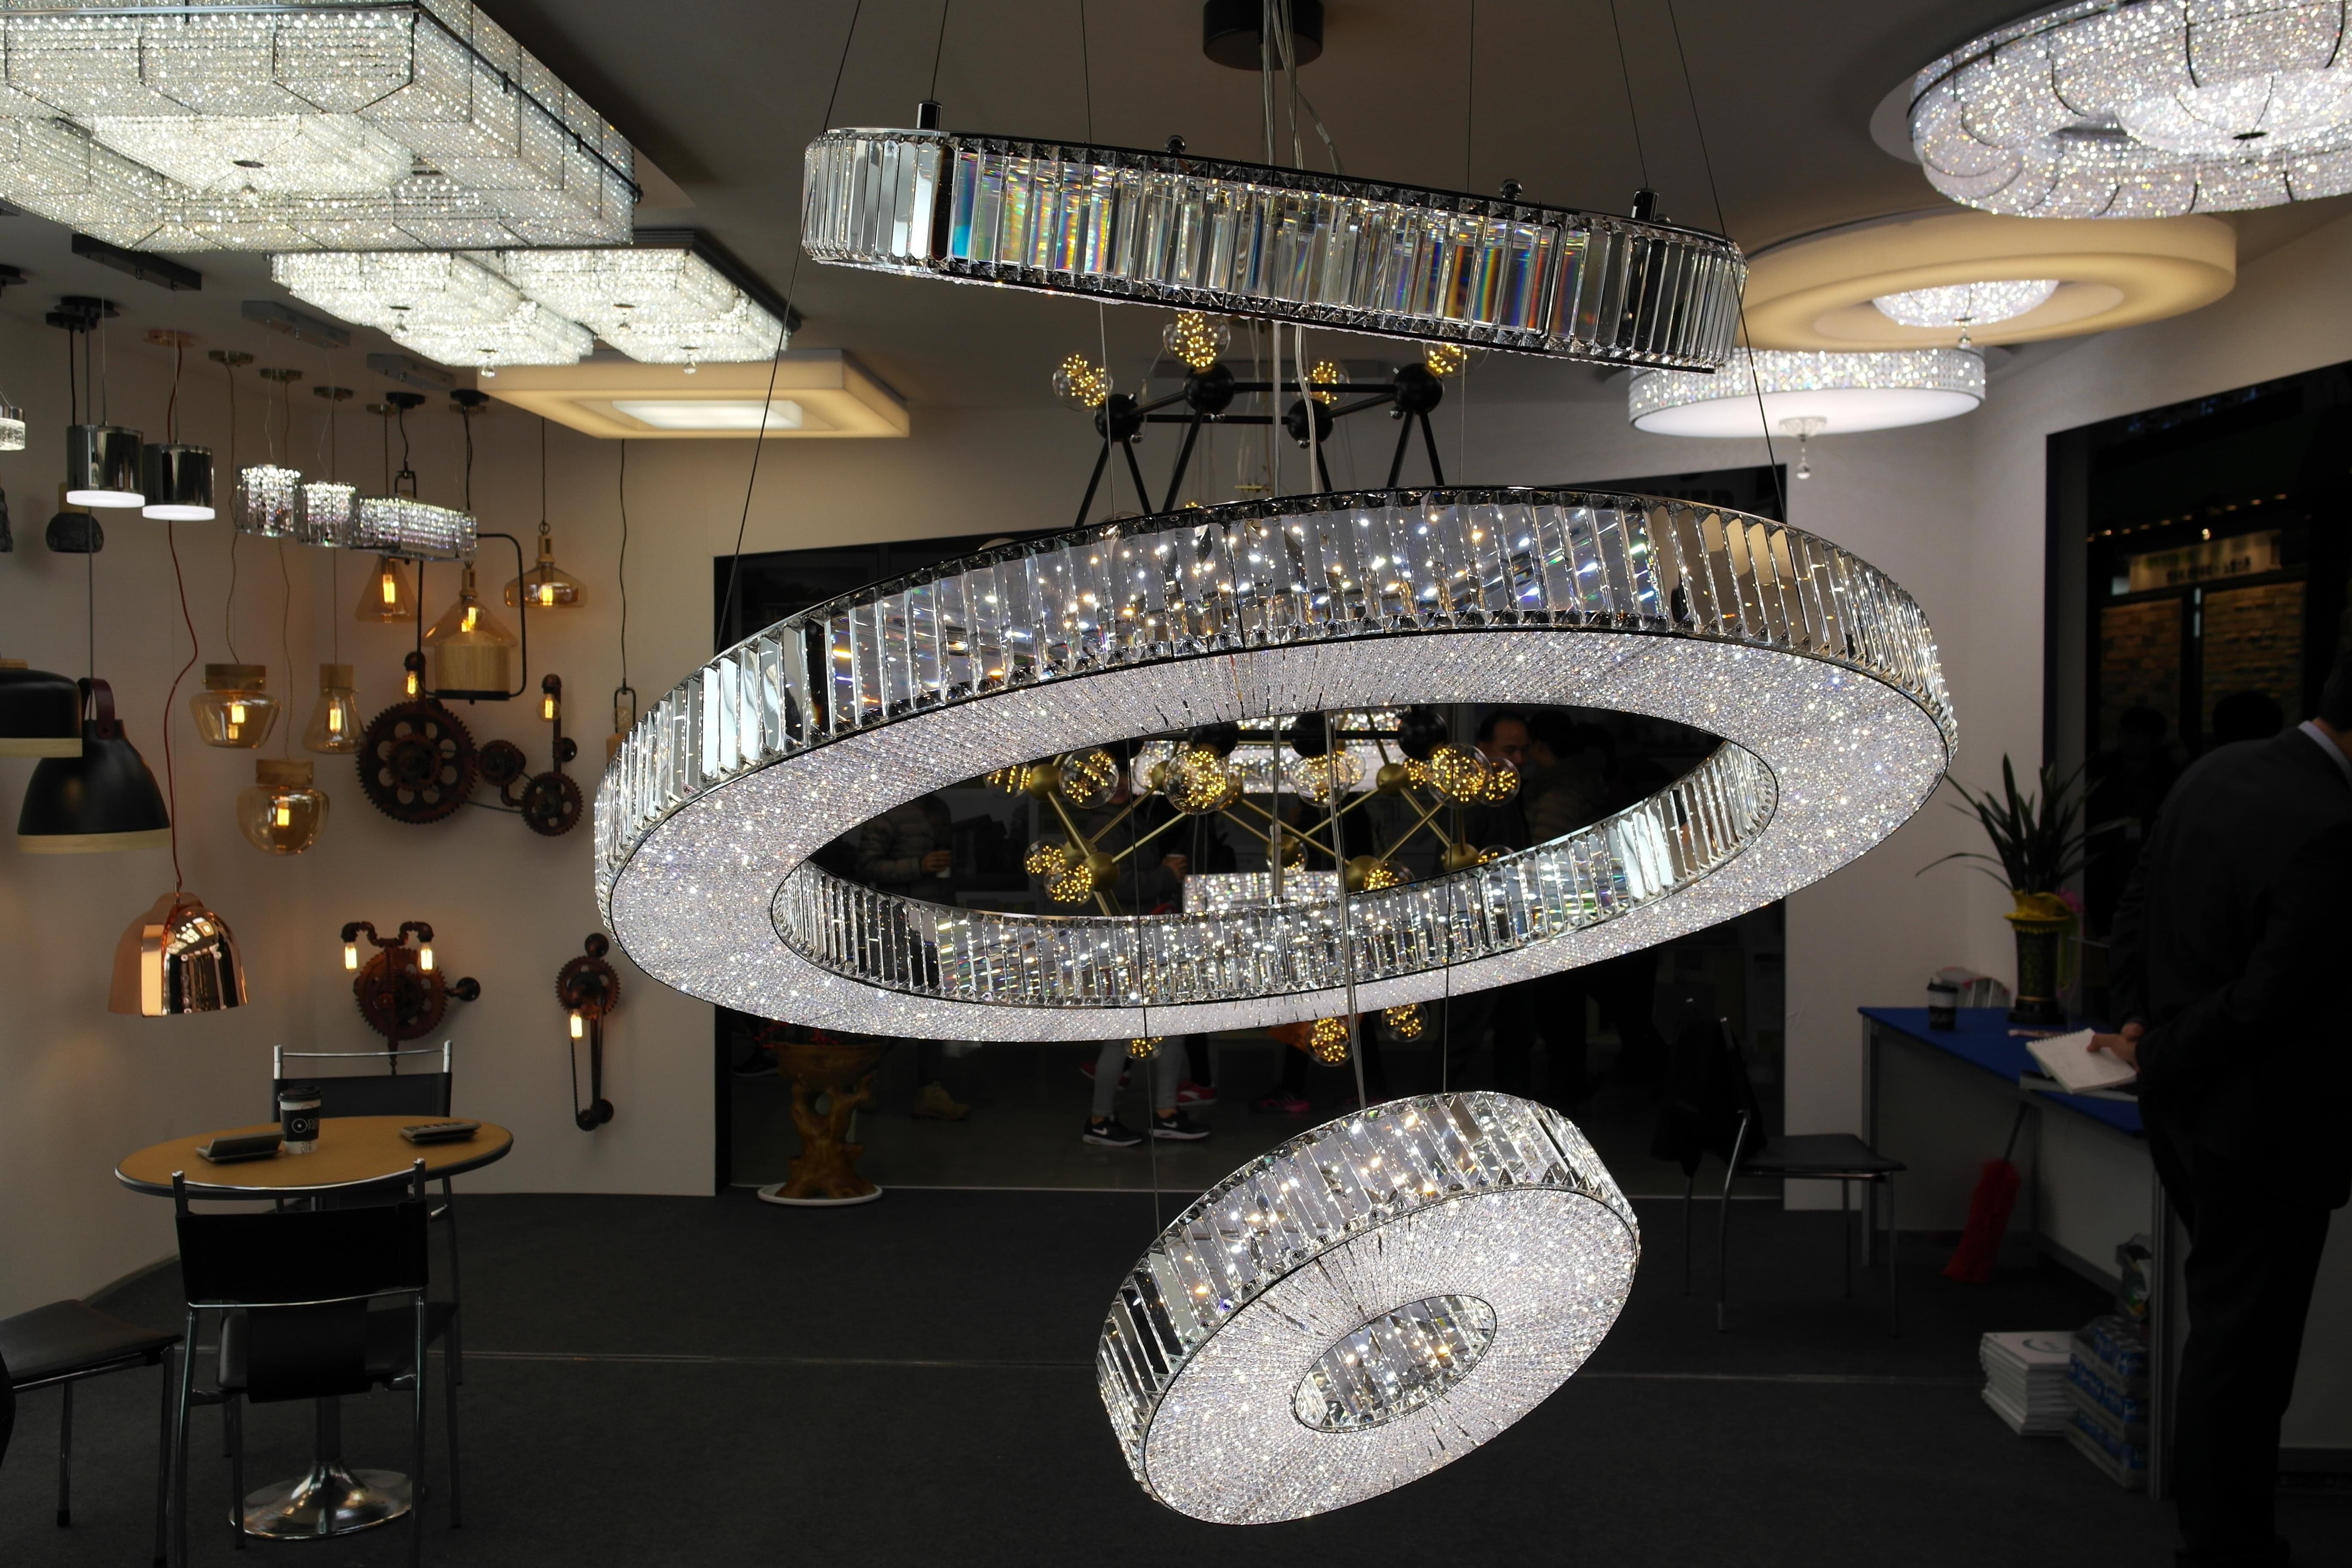 무료 이미지 : 천장, 인테리어 디자인, 관광 명소, 실내 조명 ...